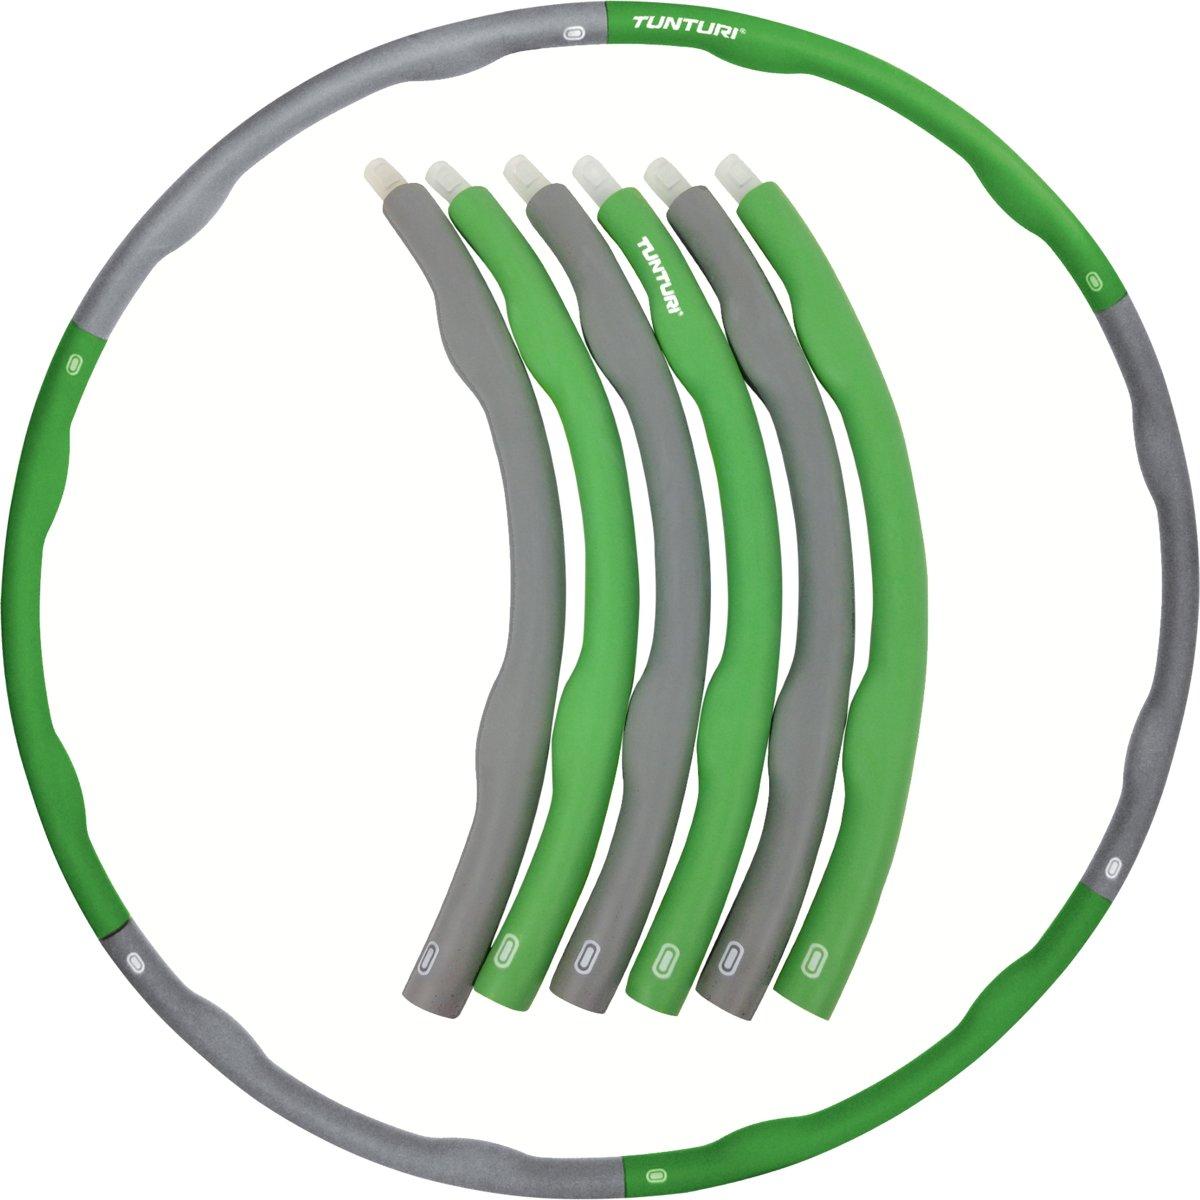 Tunturi Fitness Hoelahoep - Fitness hoepel - Fitness hulahoop - 1.8 kg - Groen/Grijs kopen